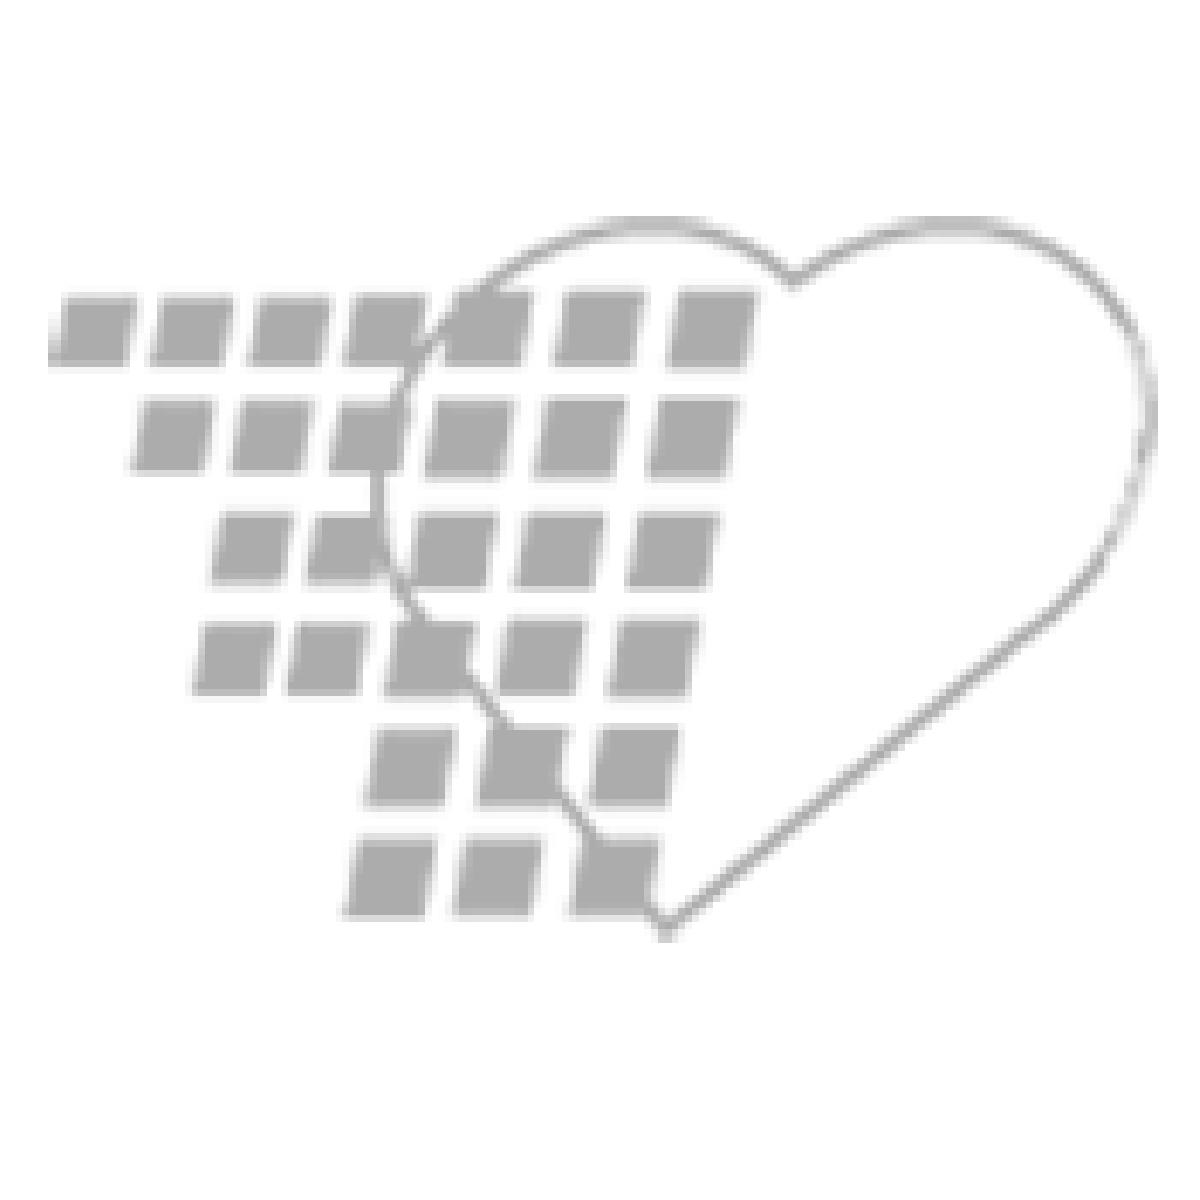 07-71-4620 Tracheostomy Tube Holder